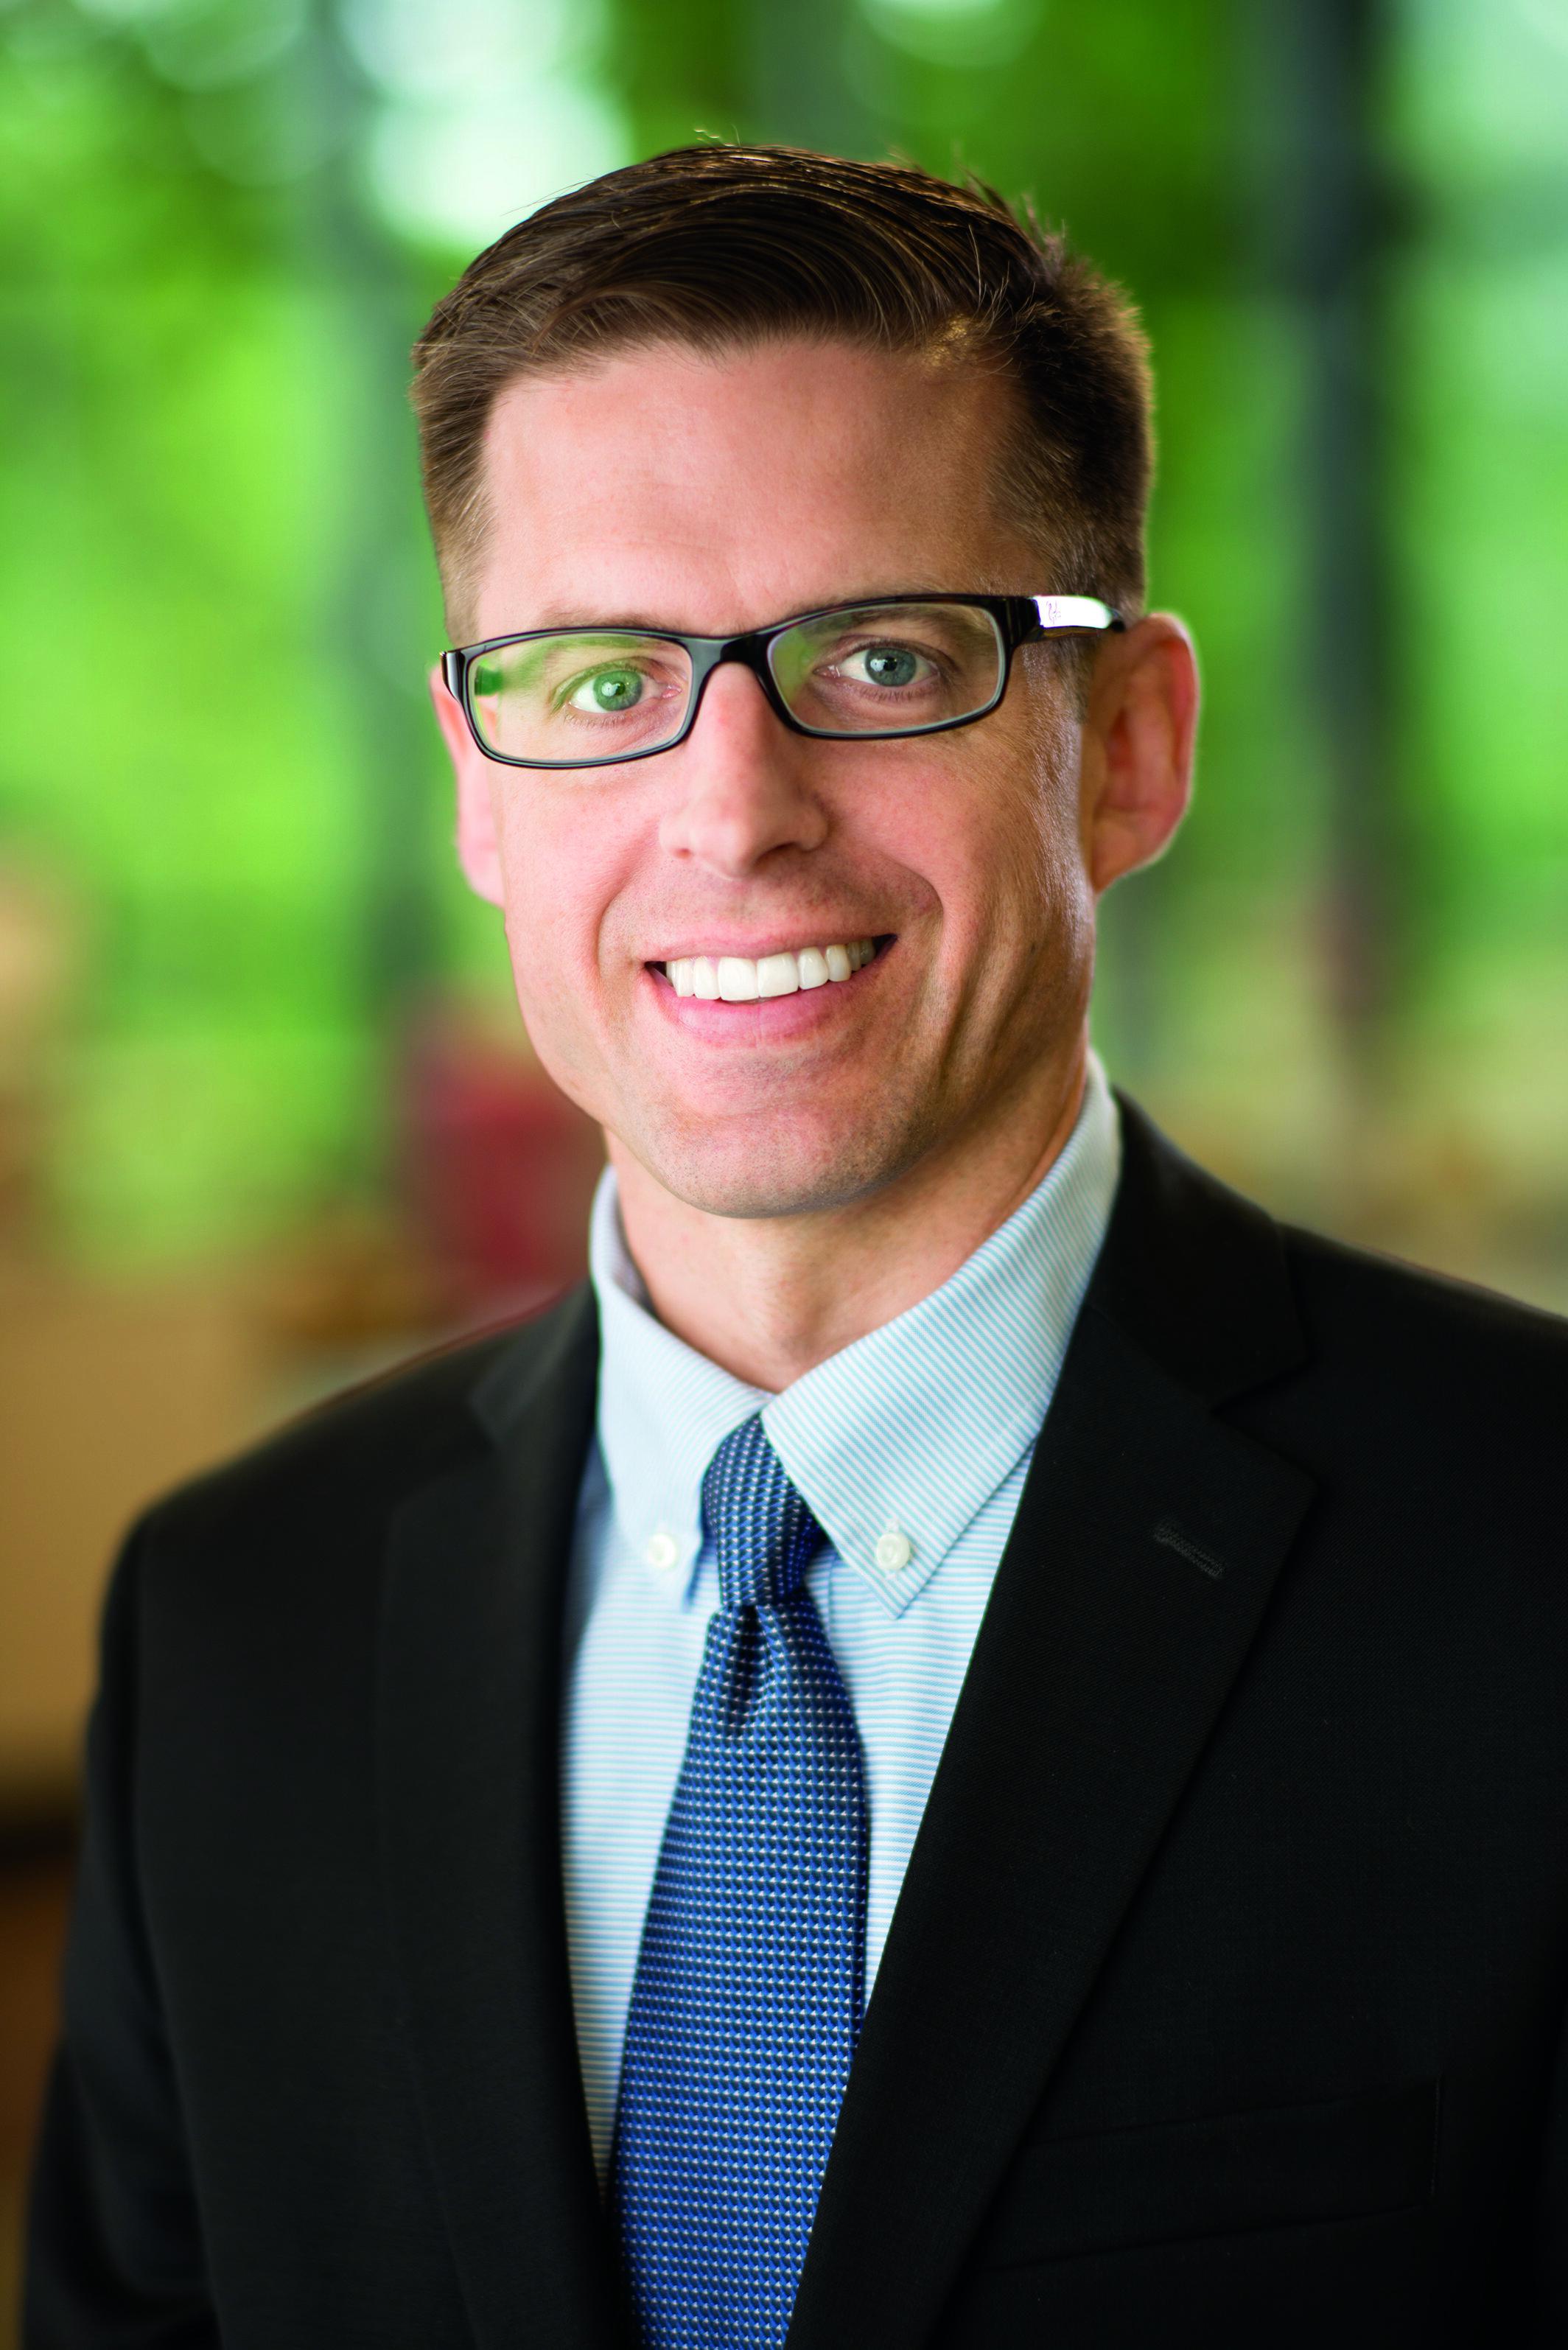 Professor Dwight Zscheile